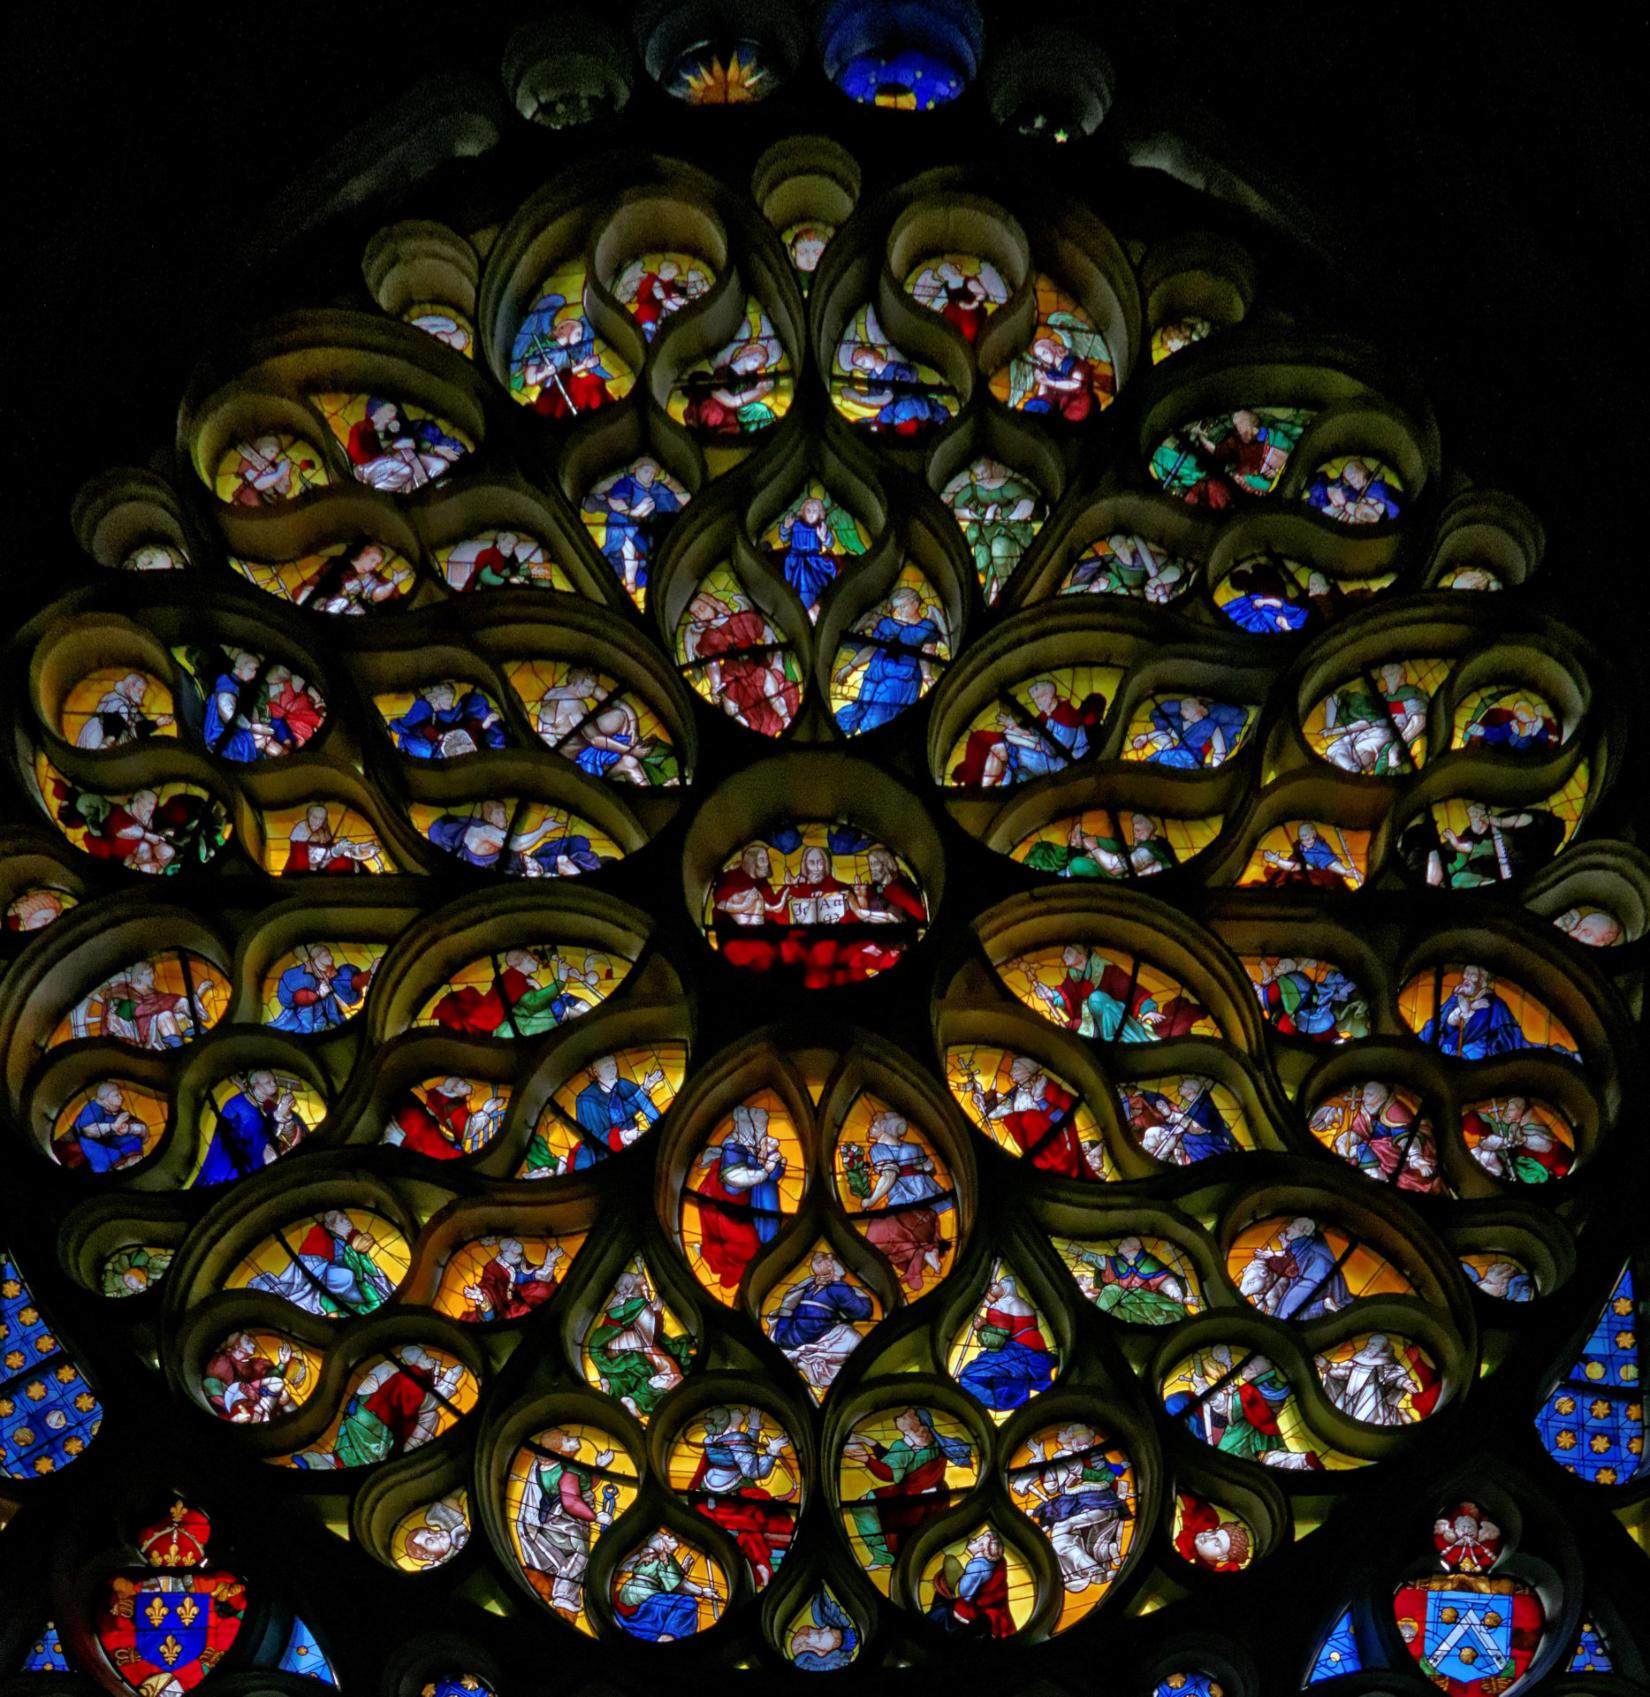 La rose occidentale de la cathédrale de Troyes (photo: Denis Krieger)